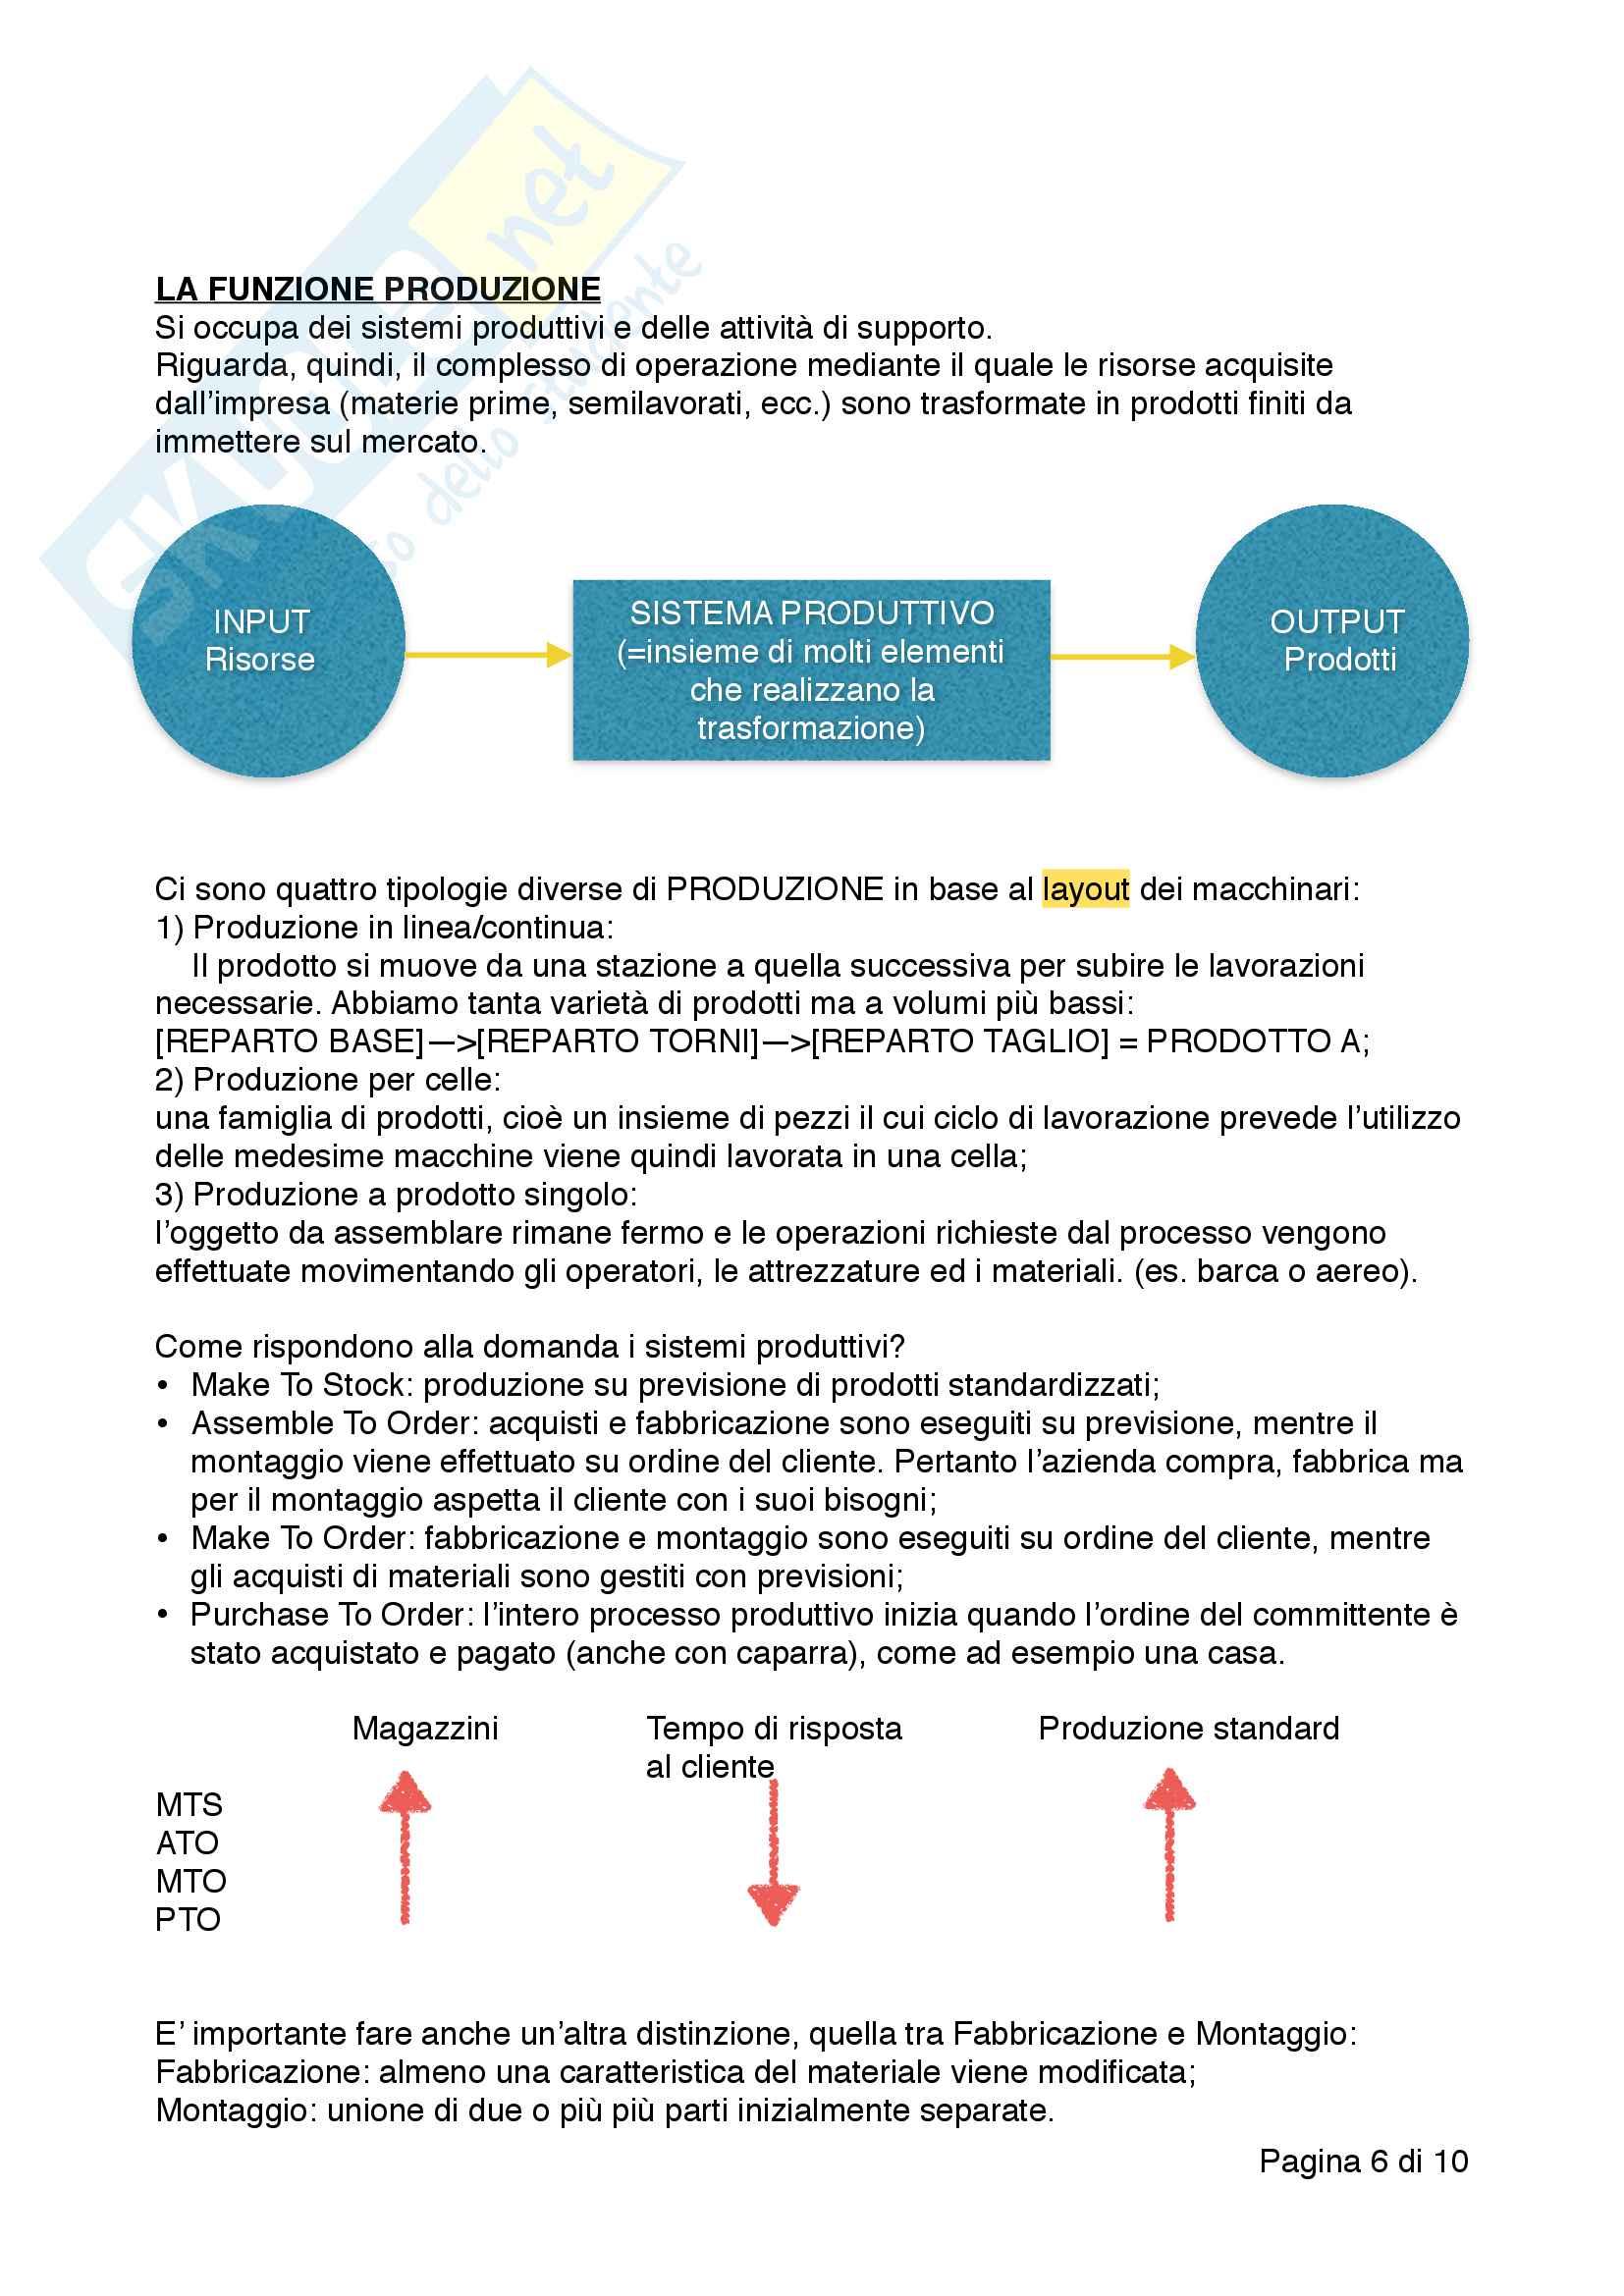 Economia e Organizzazione Aziendale, Modulo 1 Pag. 6